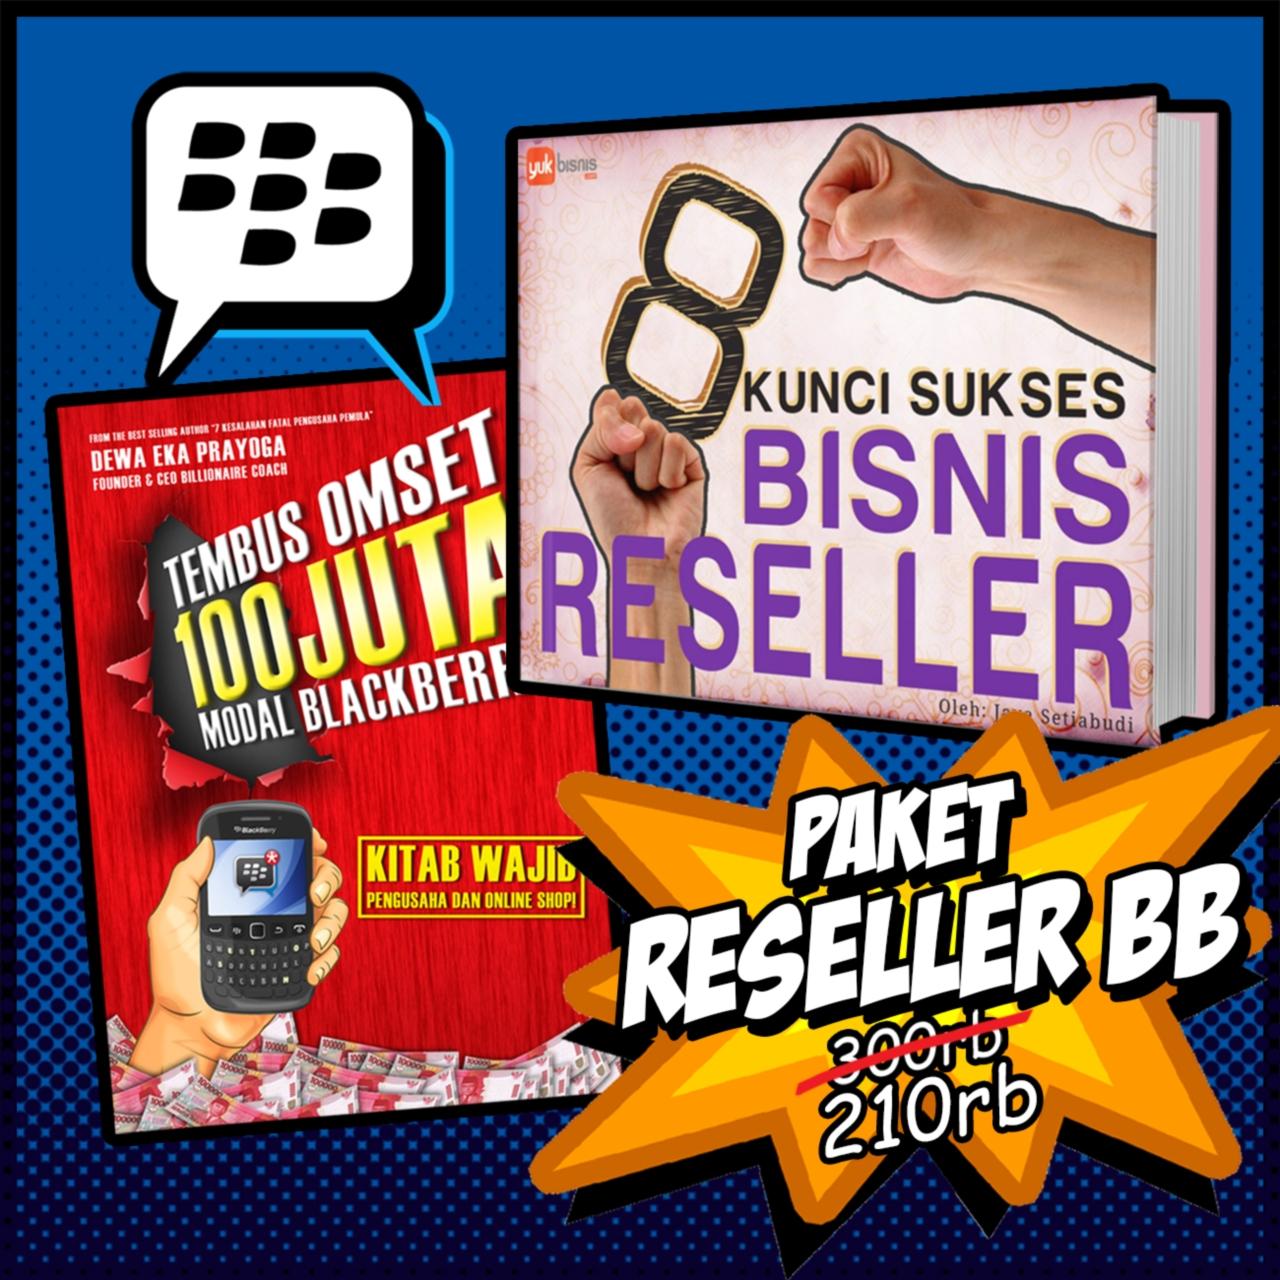 E Book Marketing: Paket Reseller Modal Blackberry : Tembus ...